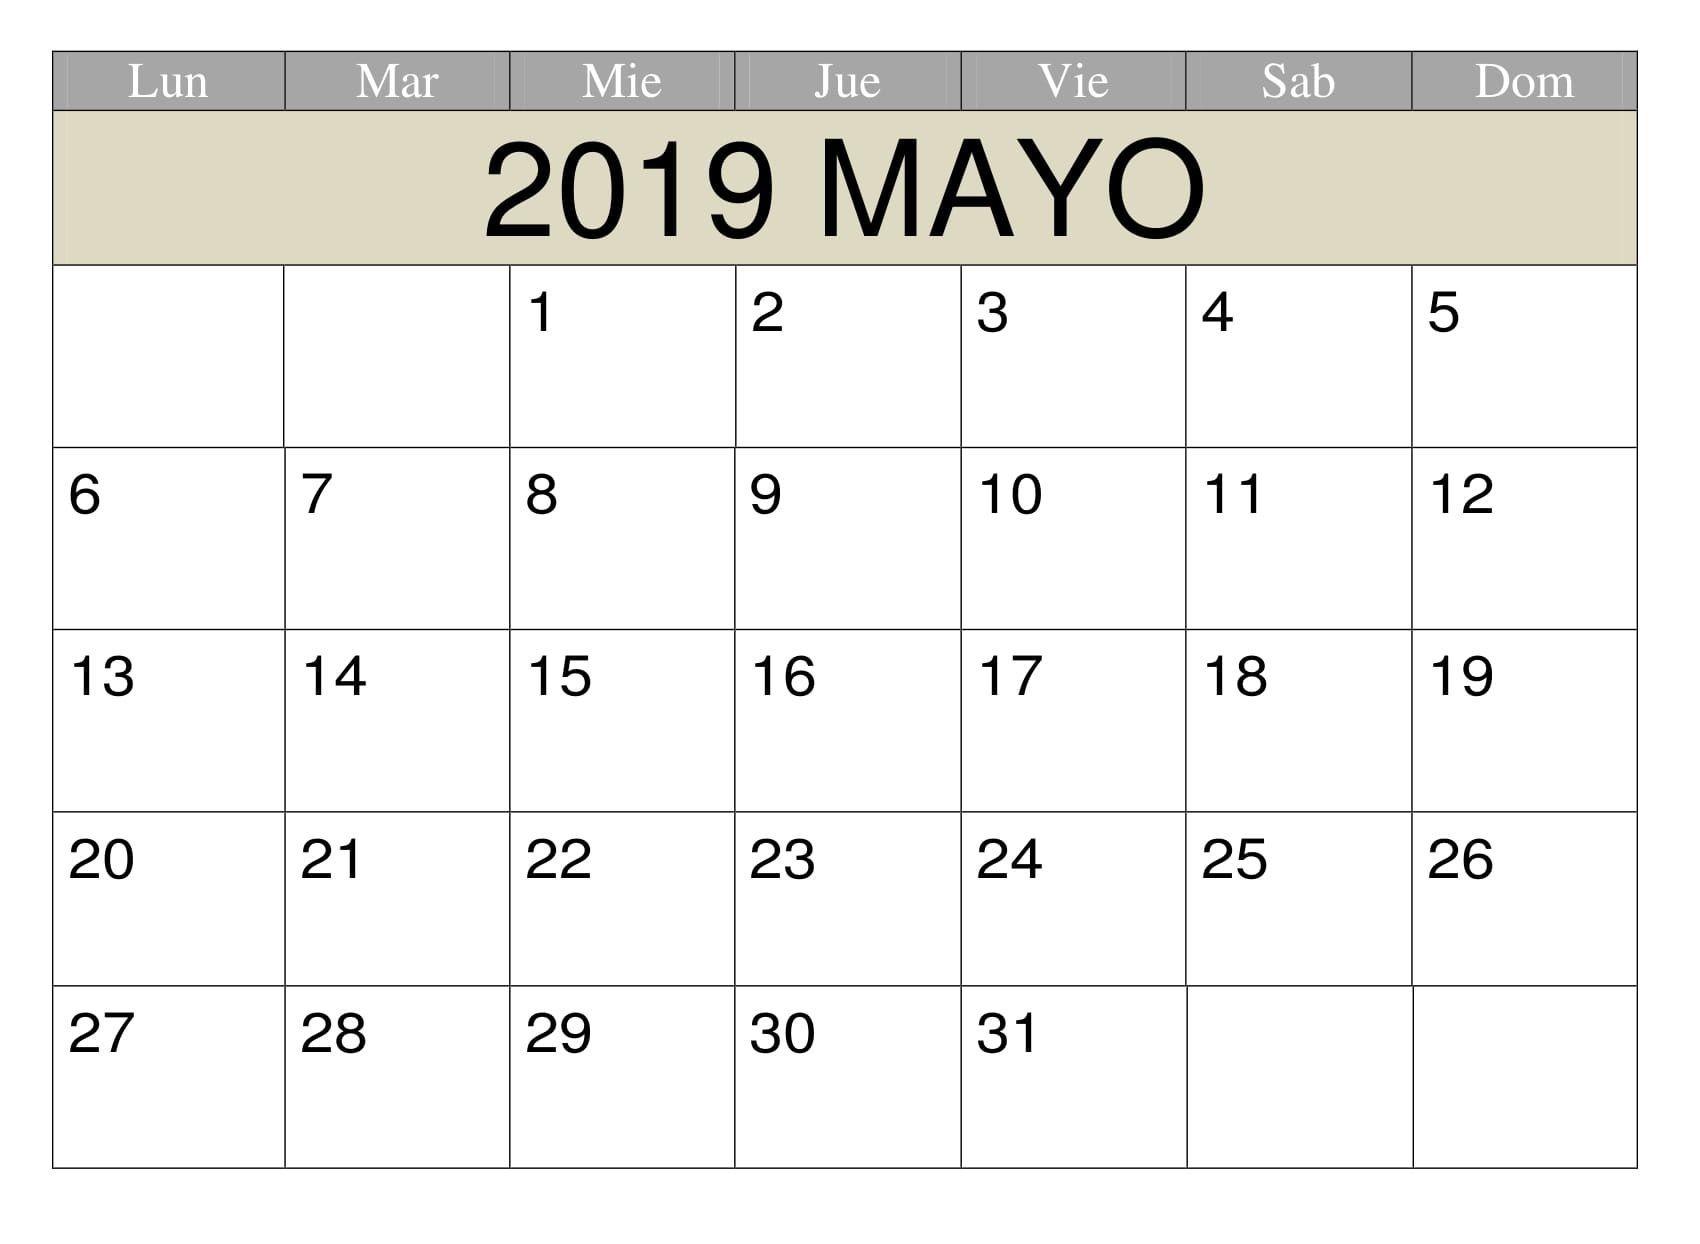 Calendario Laboral 2019 Malaga Más Reciente Calendario Grande Of Calendario Laboral 2019 Malaga Actual Unicaci³n – Medena